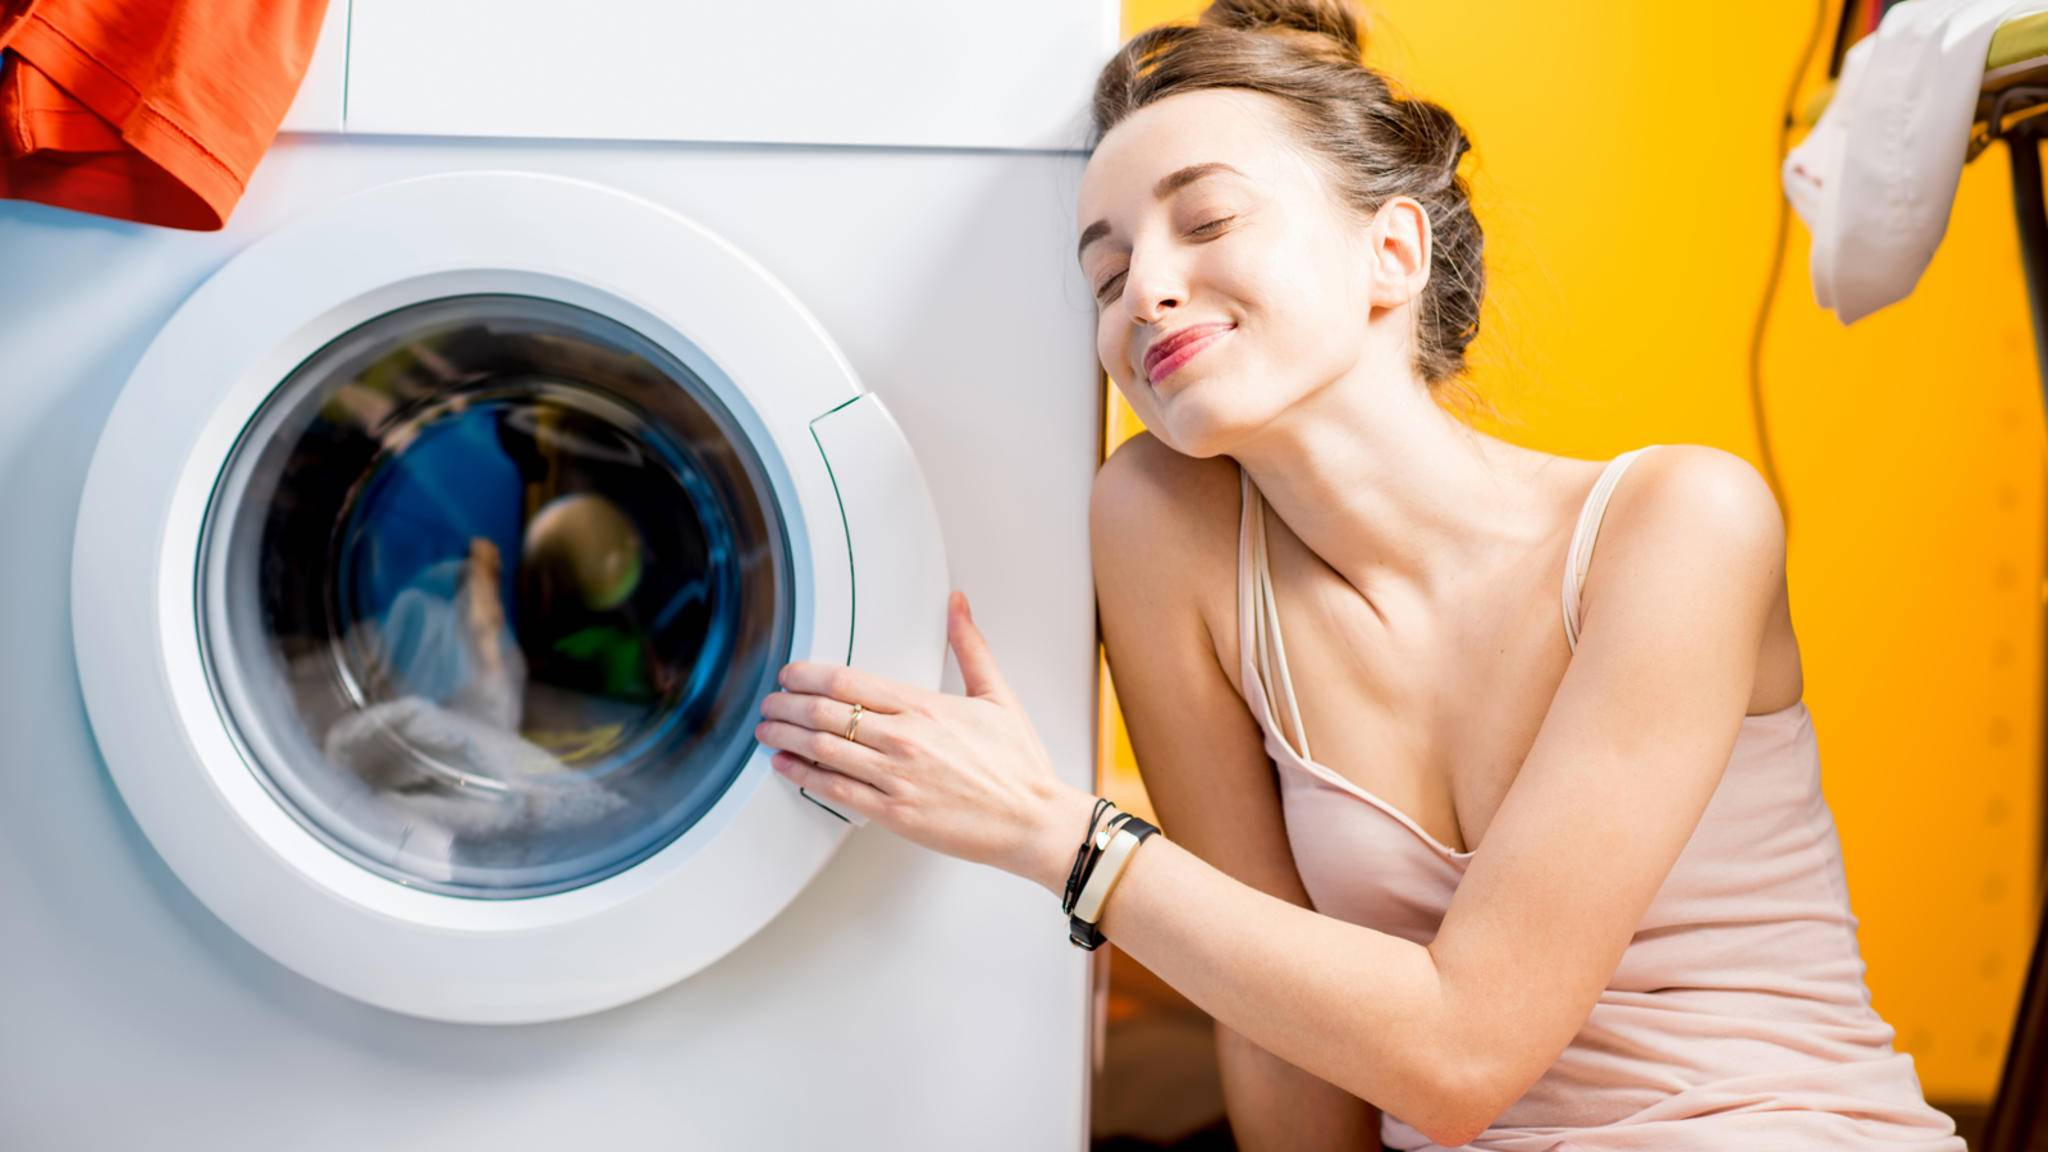 Kurzprogramm bei der waschmaschine ist das sinnvoll und wird